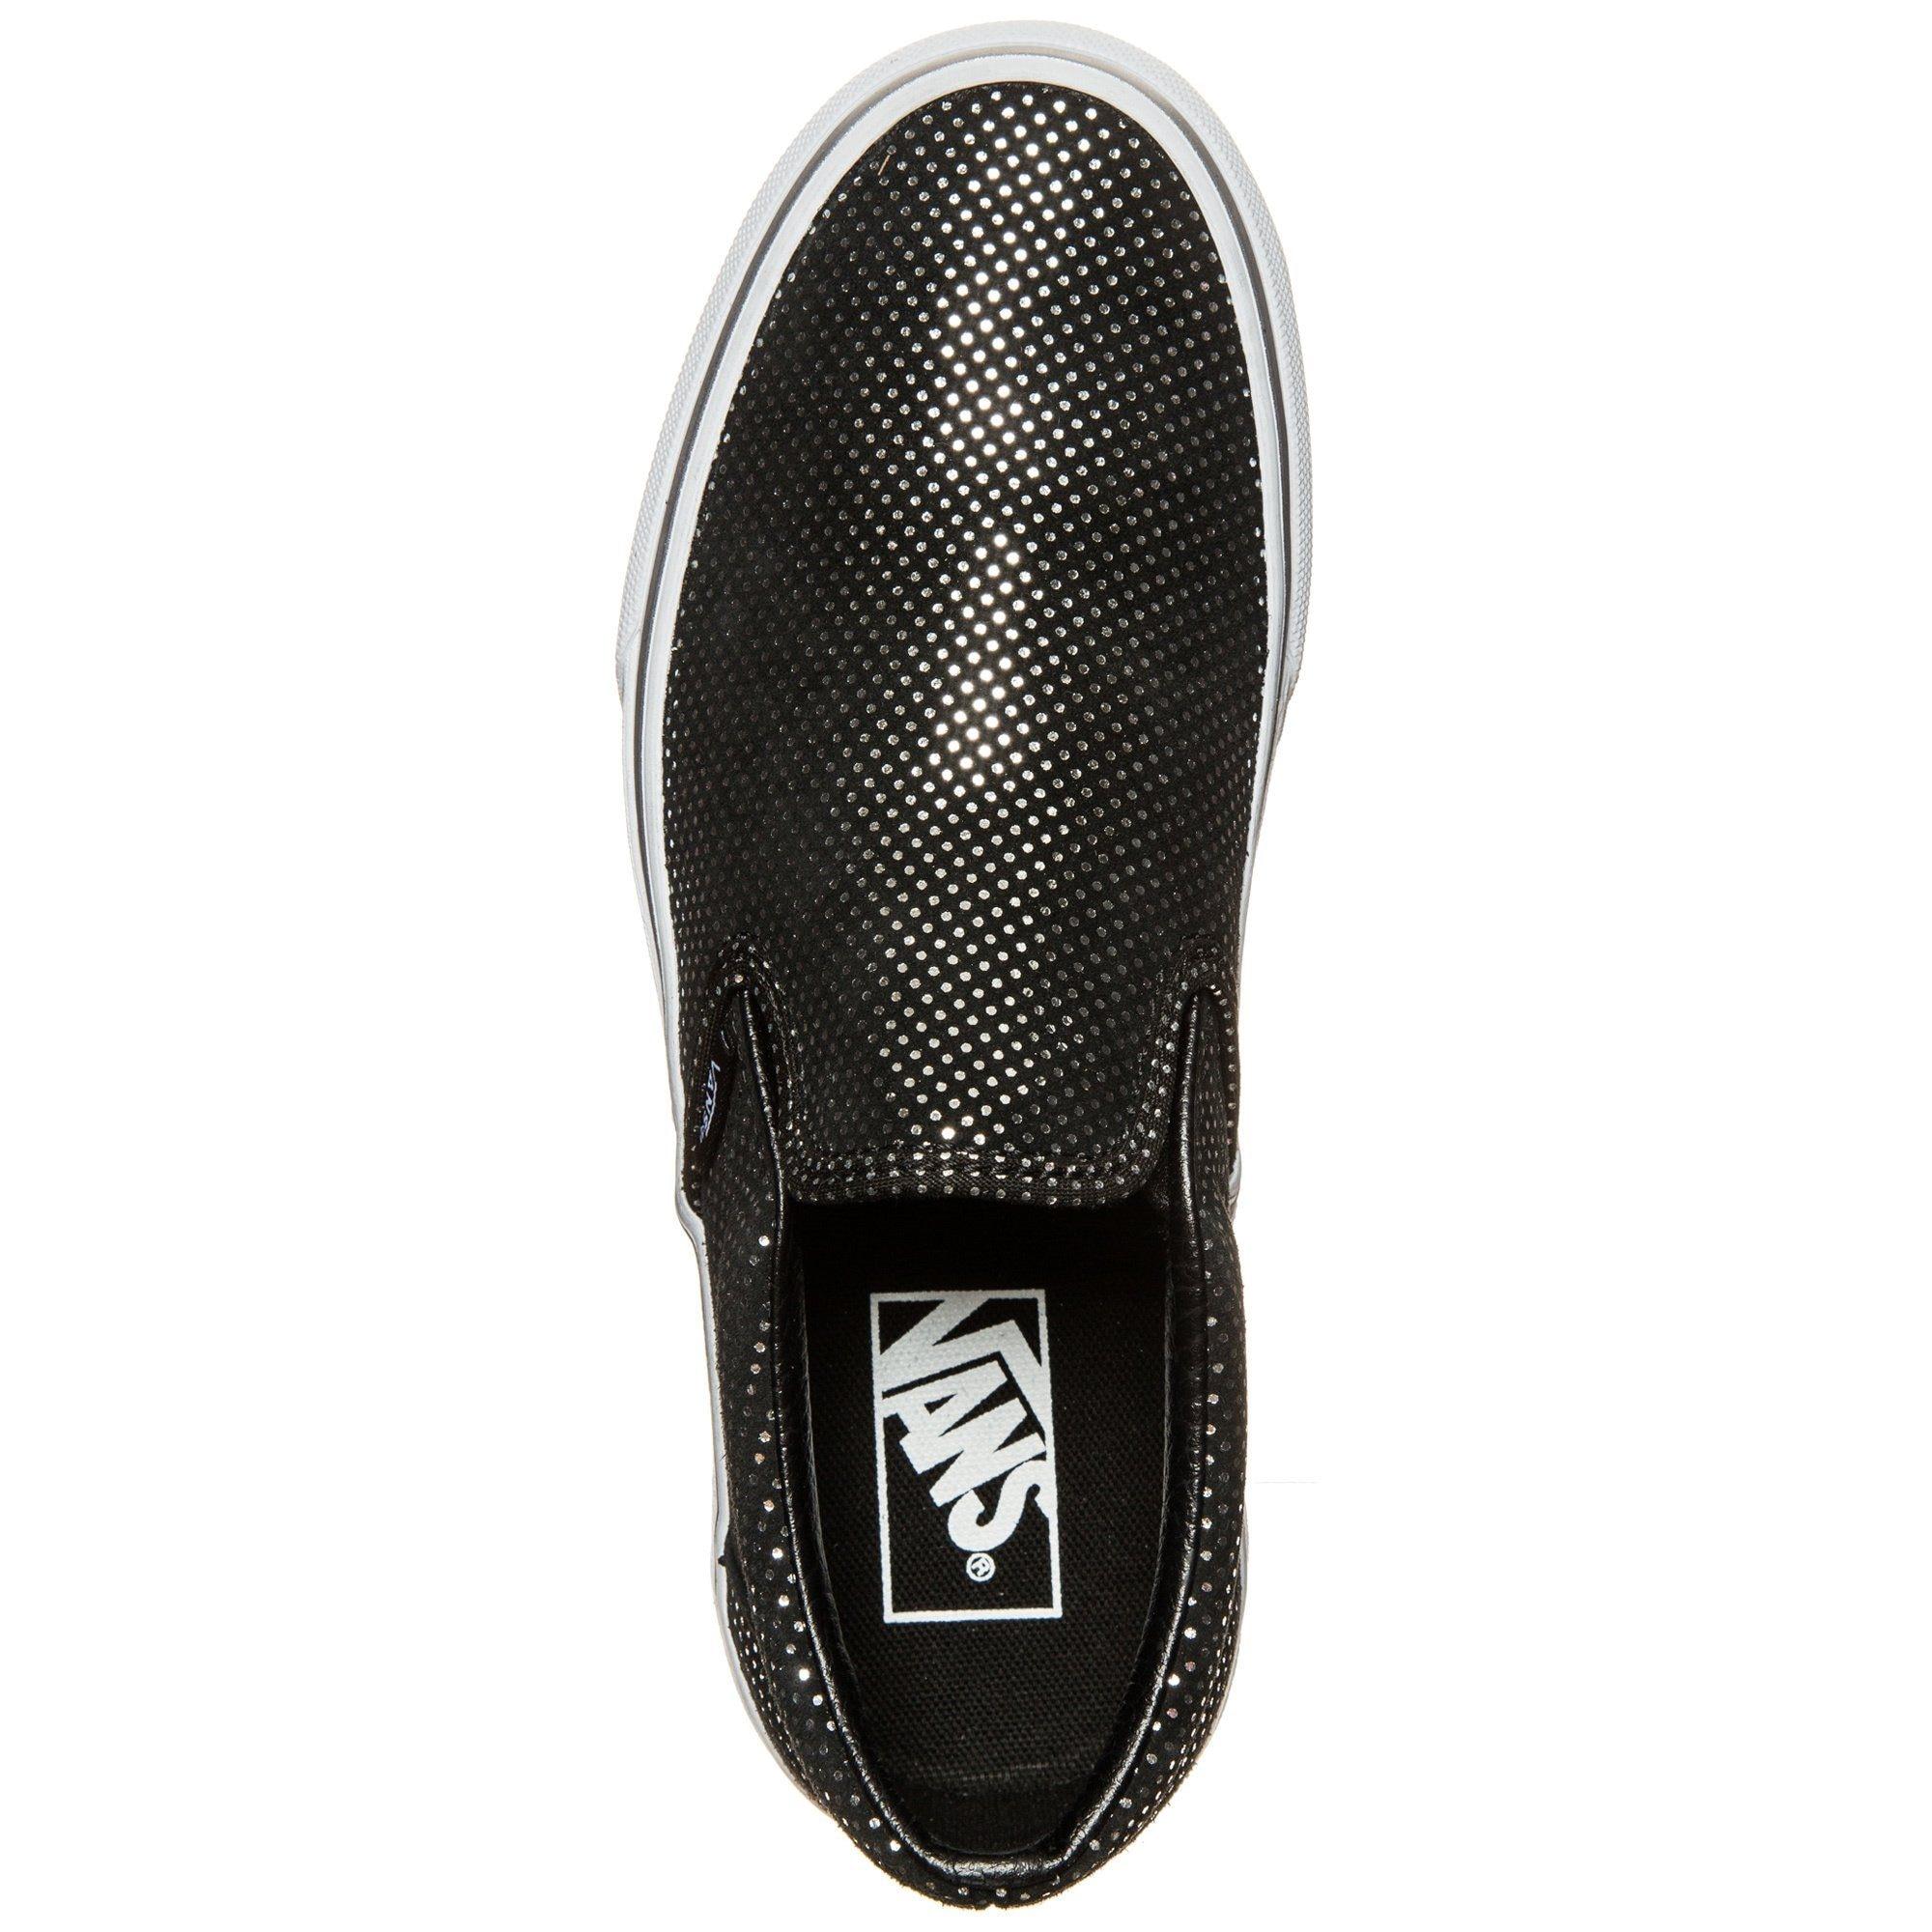 Vans Classic Slip-On Metallic Dots Sneaker jetzt Damen jetzt Sneaker online kaufen | Gutes Preis-Leistungs-Verhältnis, es lohnt sich e826e4